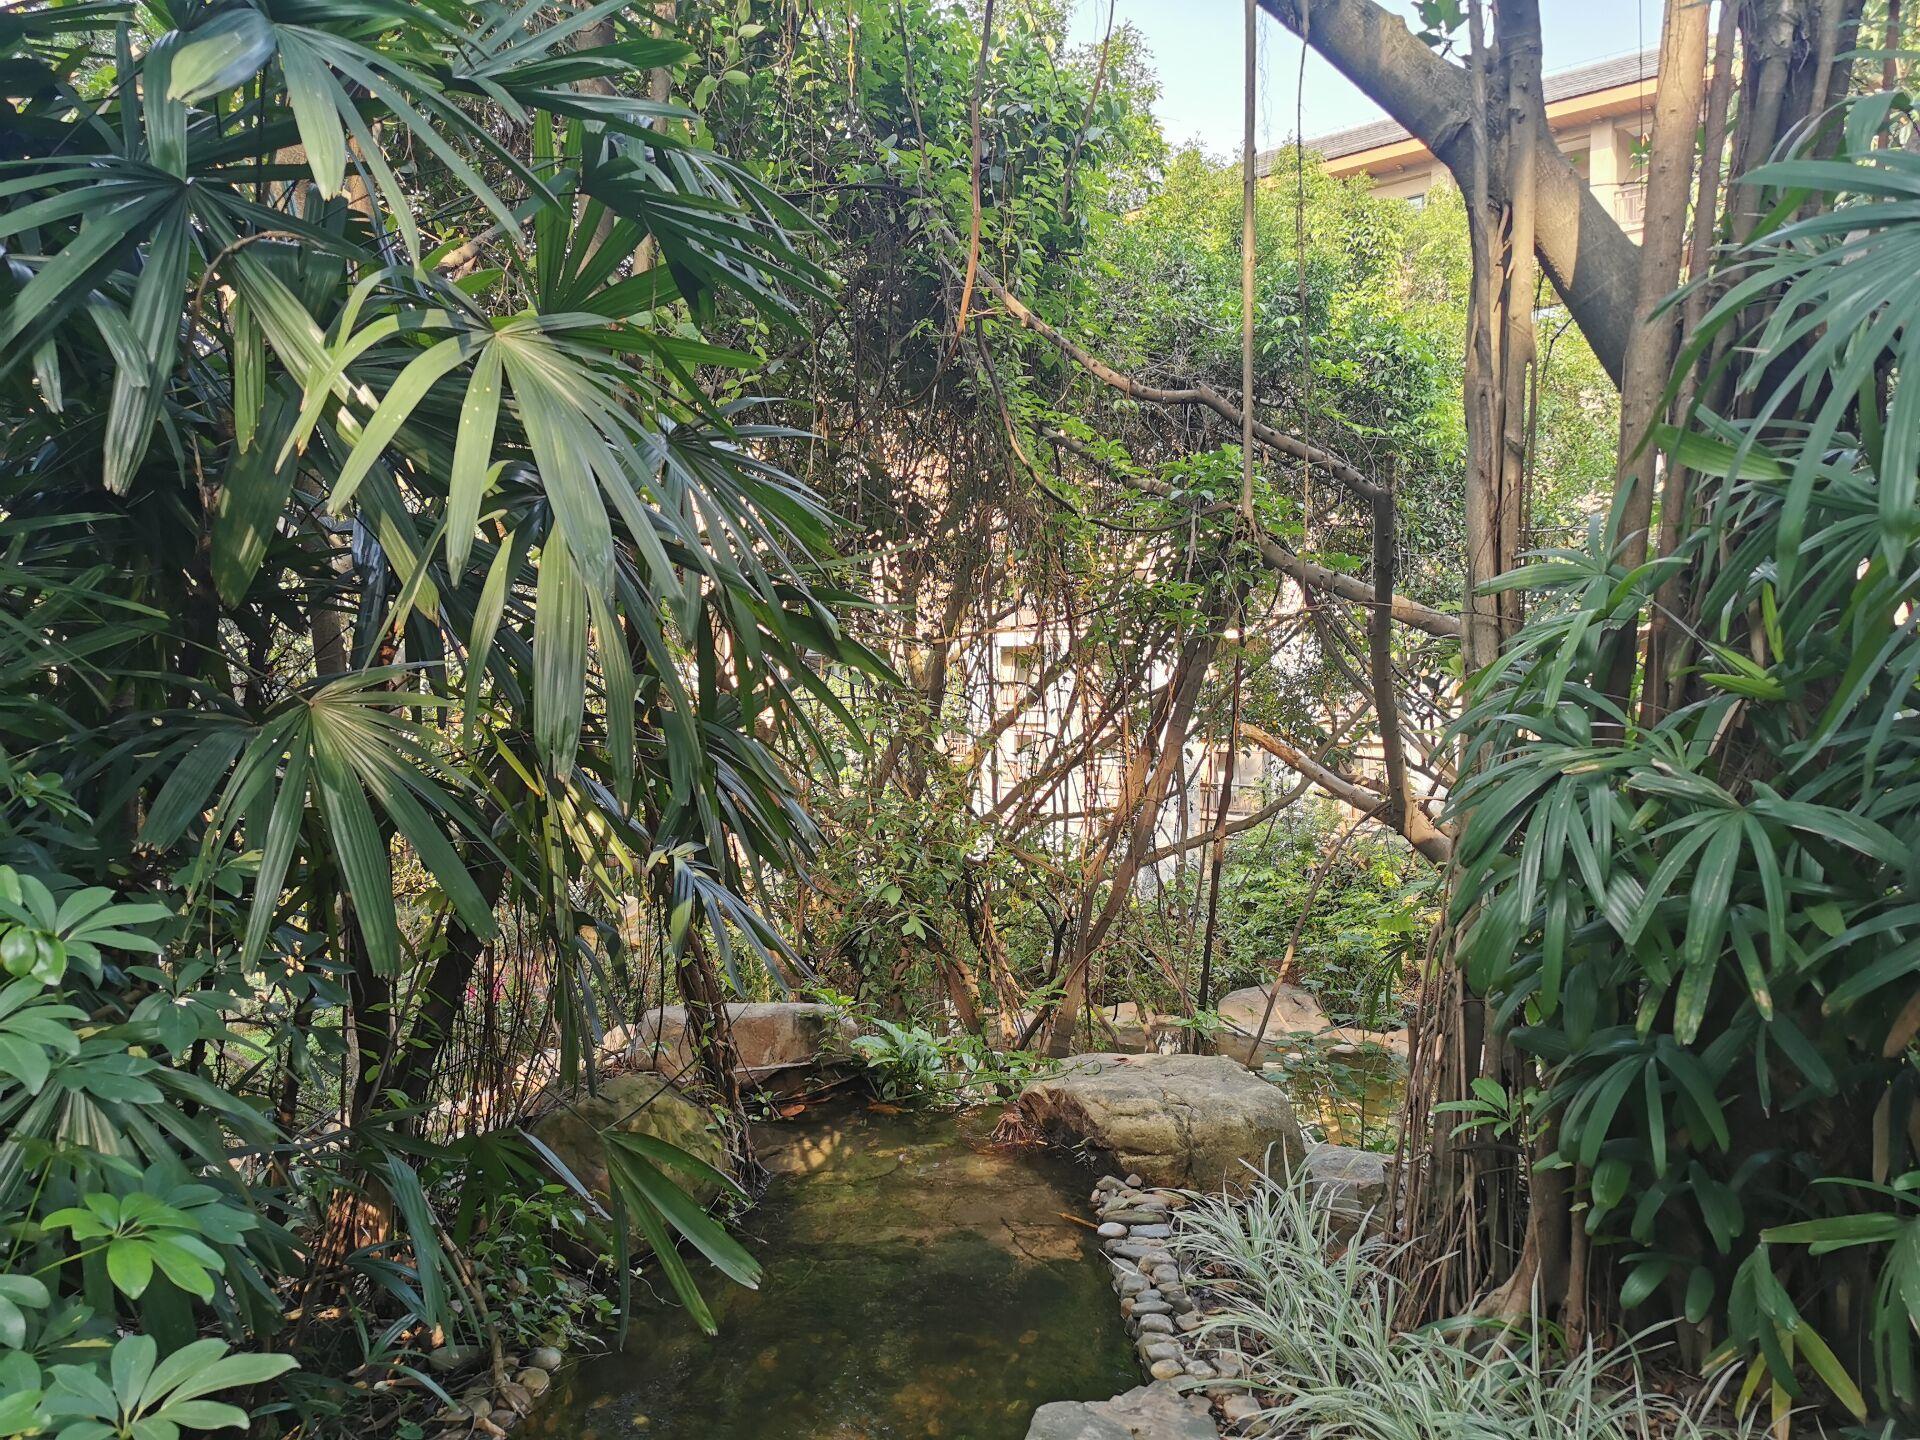 广州某宾馆庭院和周边06.jpg